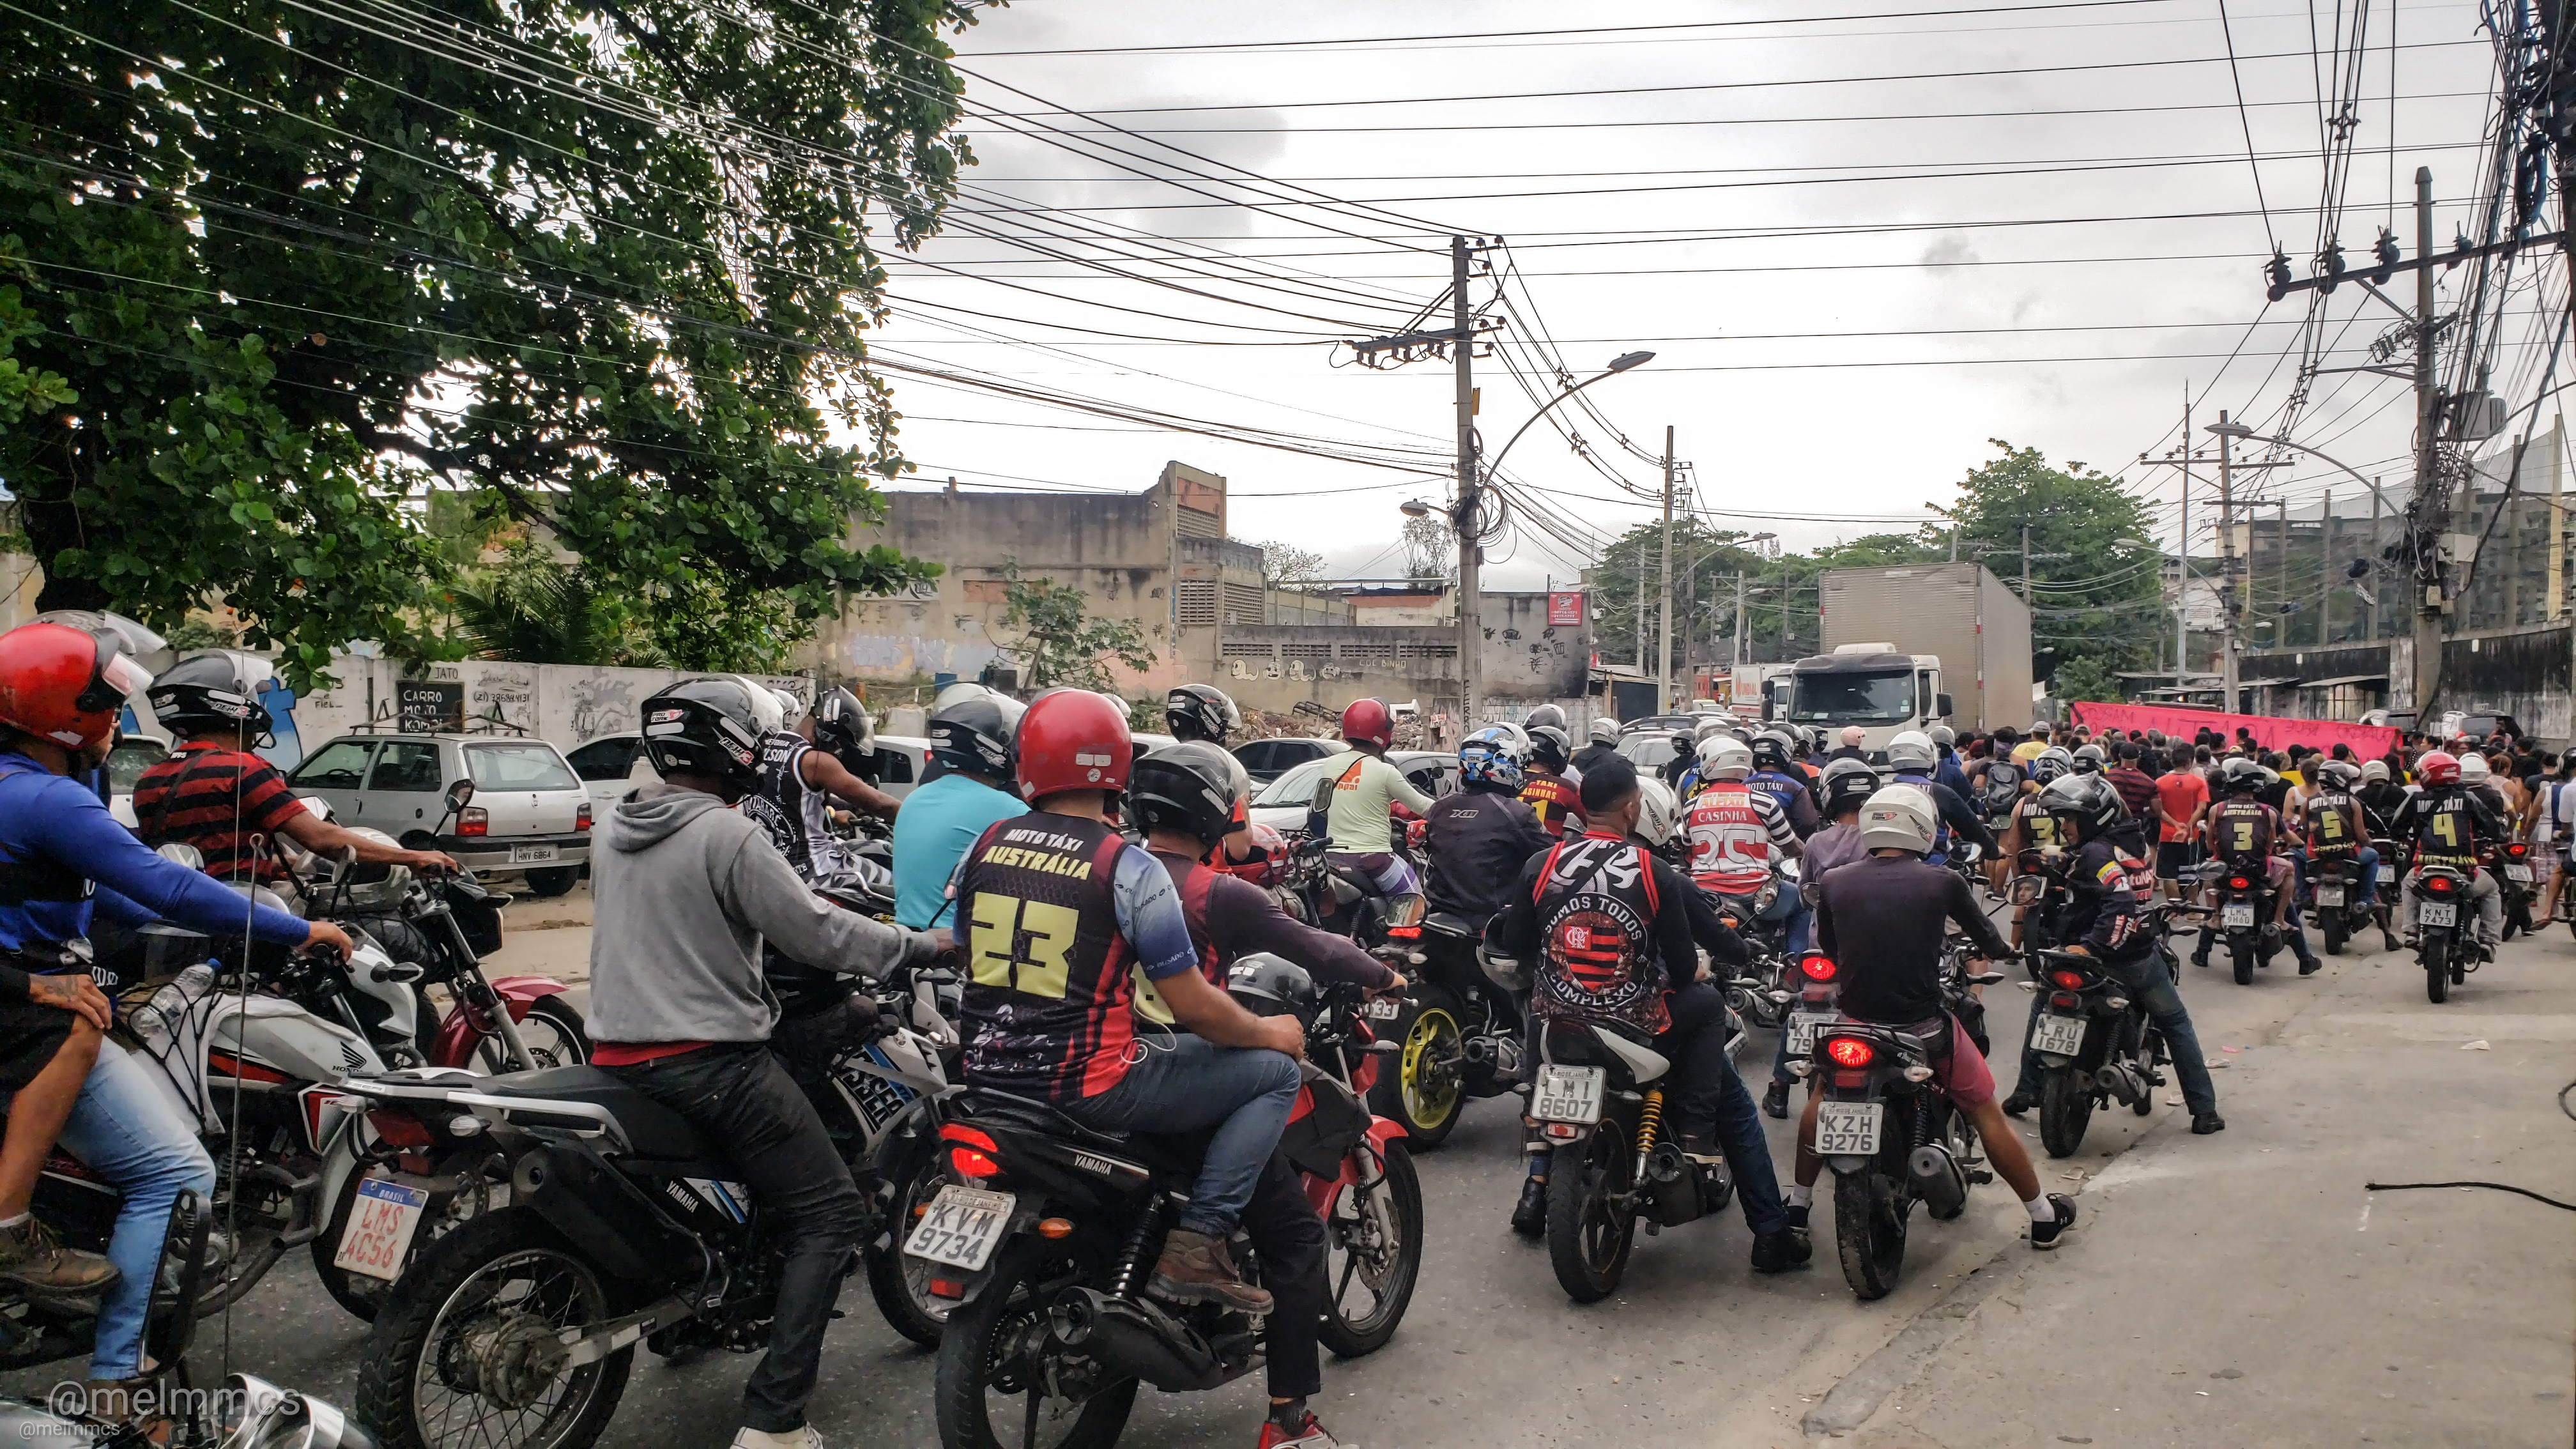 Decreto torna Mototaxista profissão legalizada